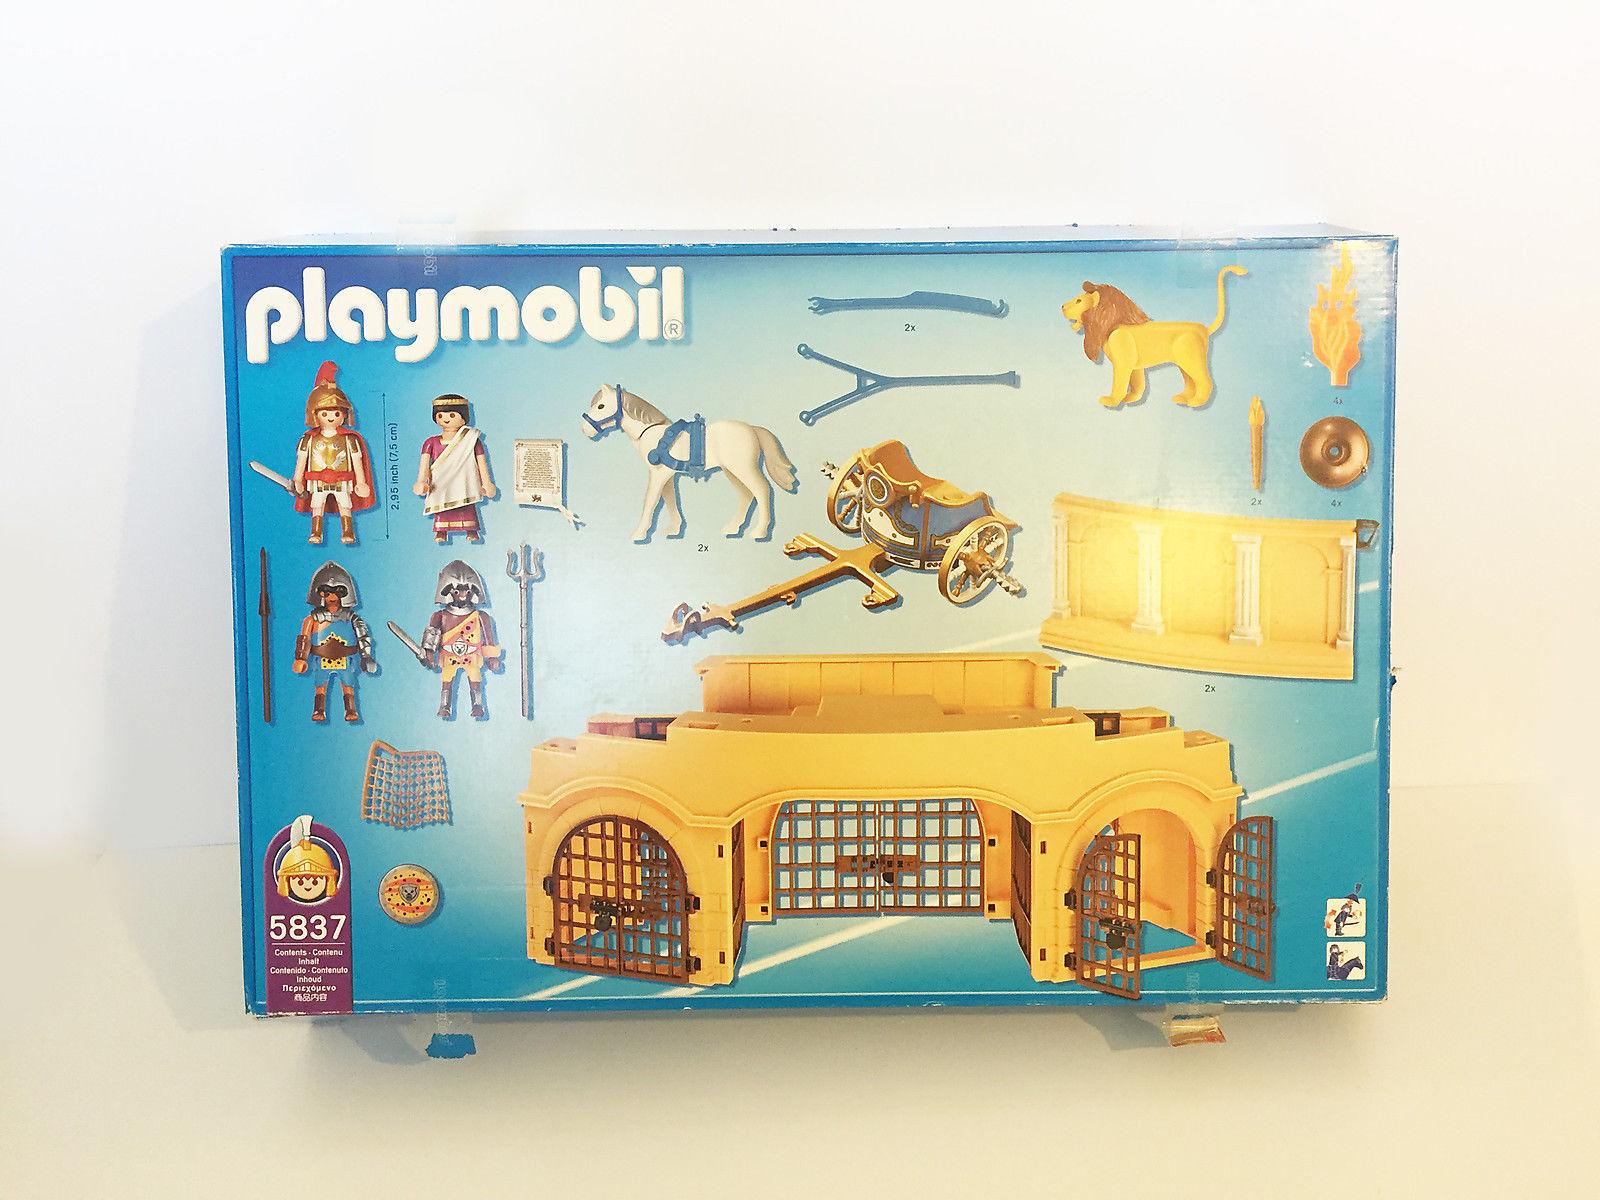 Playmobil Rouomo Arena 5837 - Bre nuovo in scatola  - Retirosso  economico in alta qualità